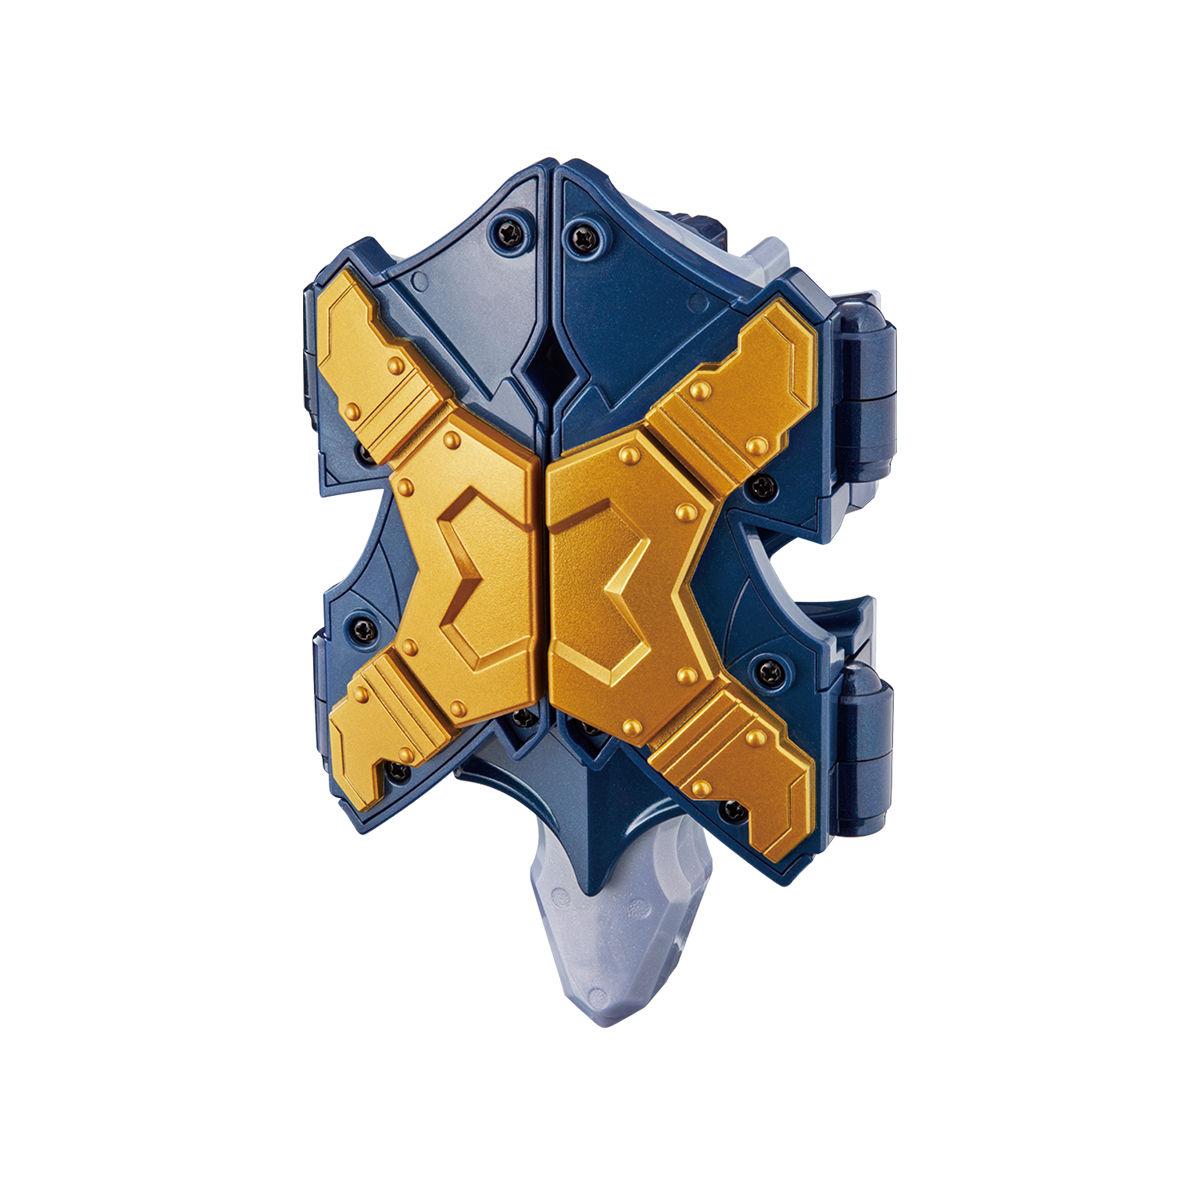 ウルトラマンタイガ『DXトレギアアイ』変身なりきり-003